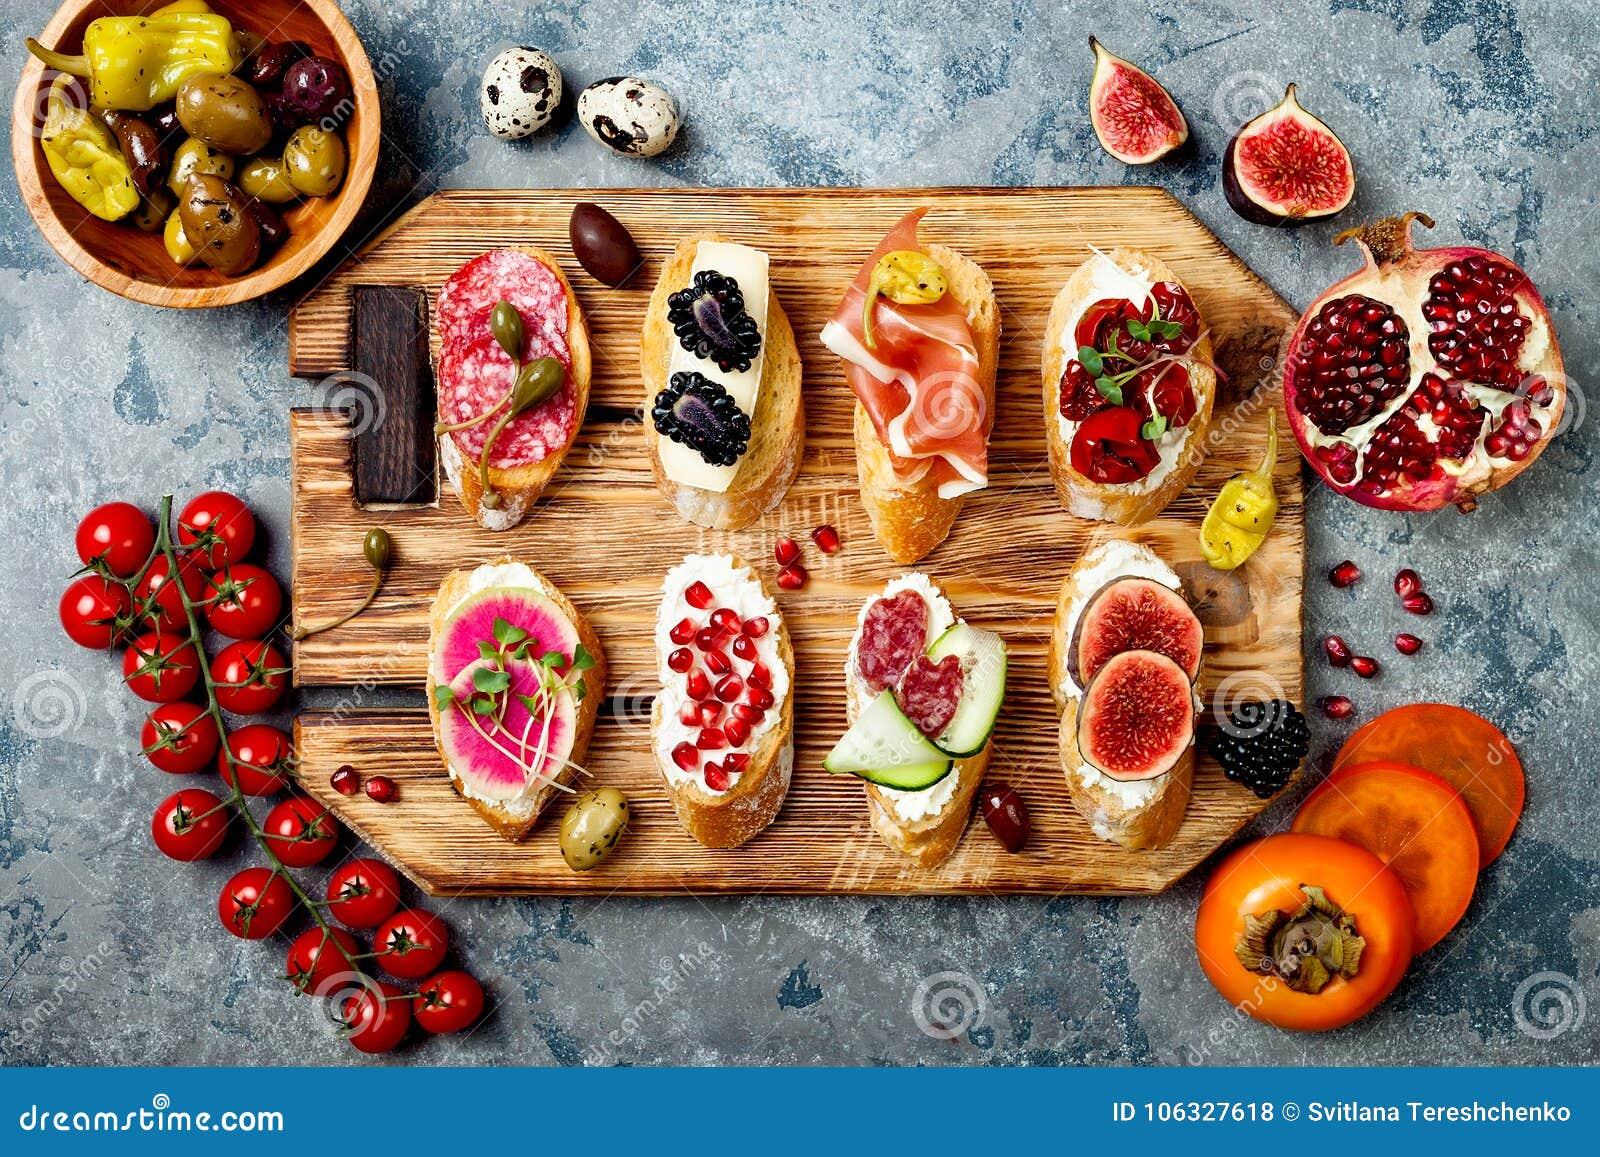 Закуски ставят на обсуждение с итальянскими закусками antipasti Установленные Brushetta или подлинные традиционные испанские тапы